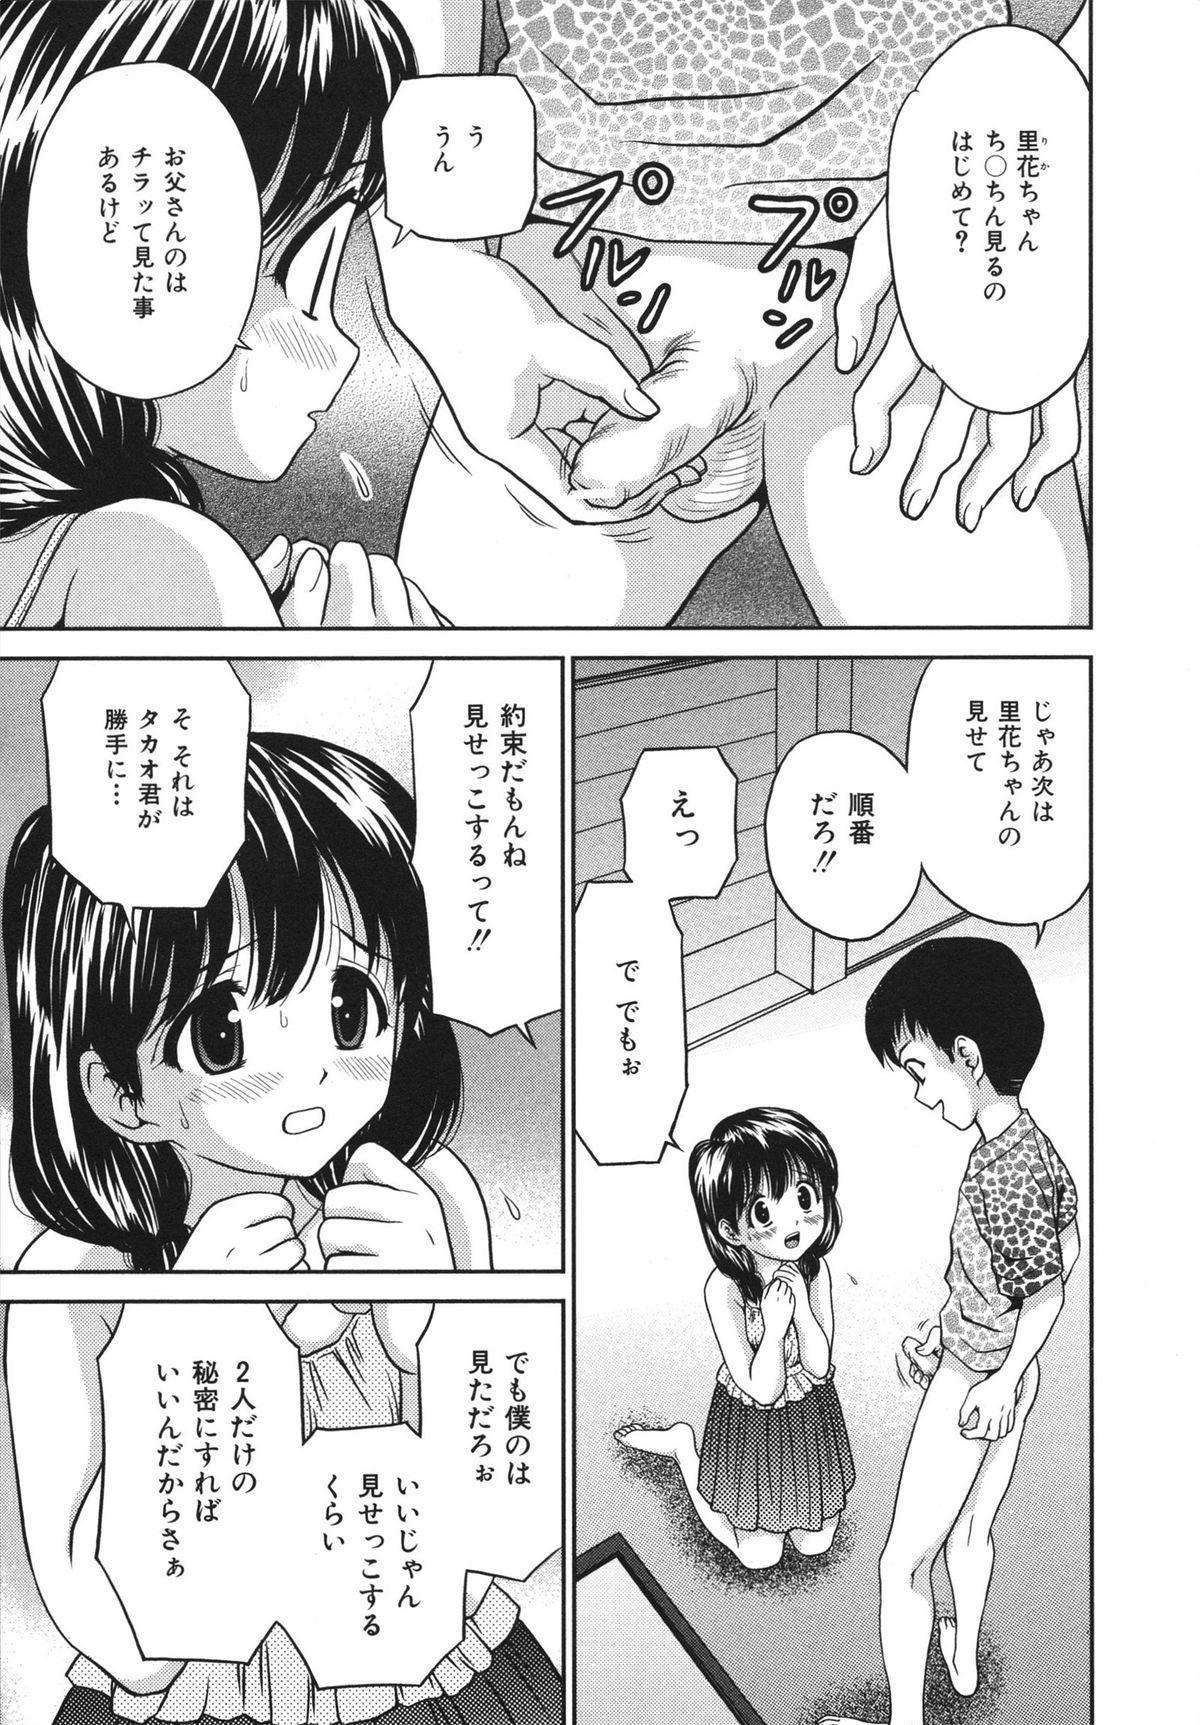 Houtai Shoujo - Bandage Girl 102